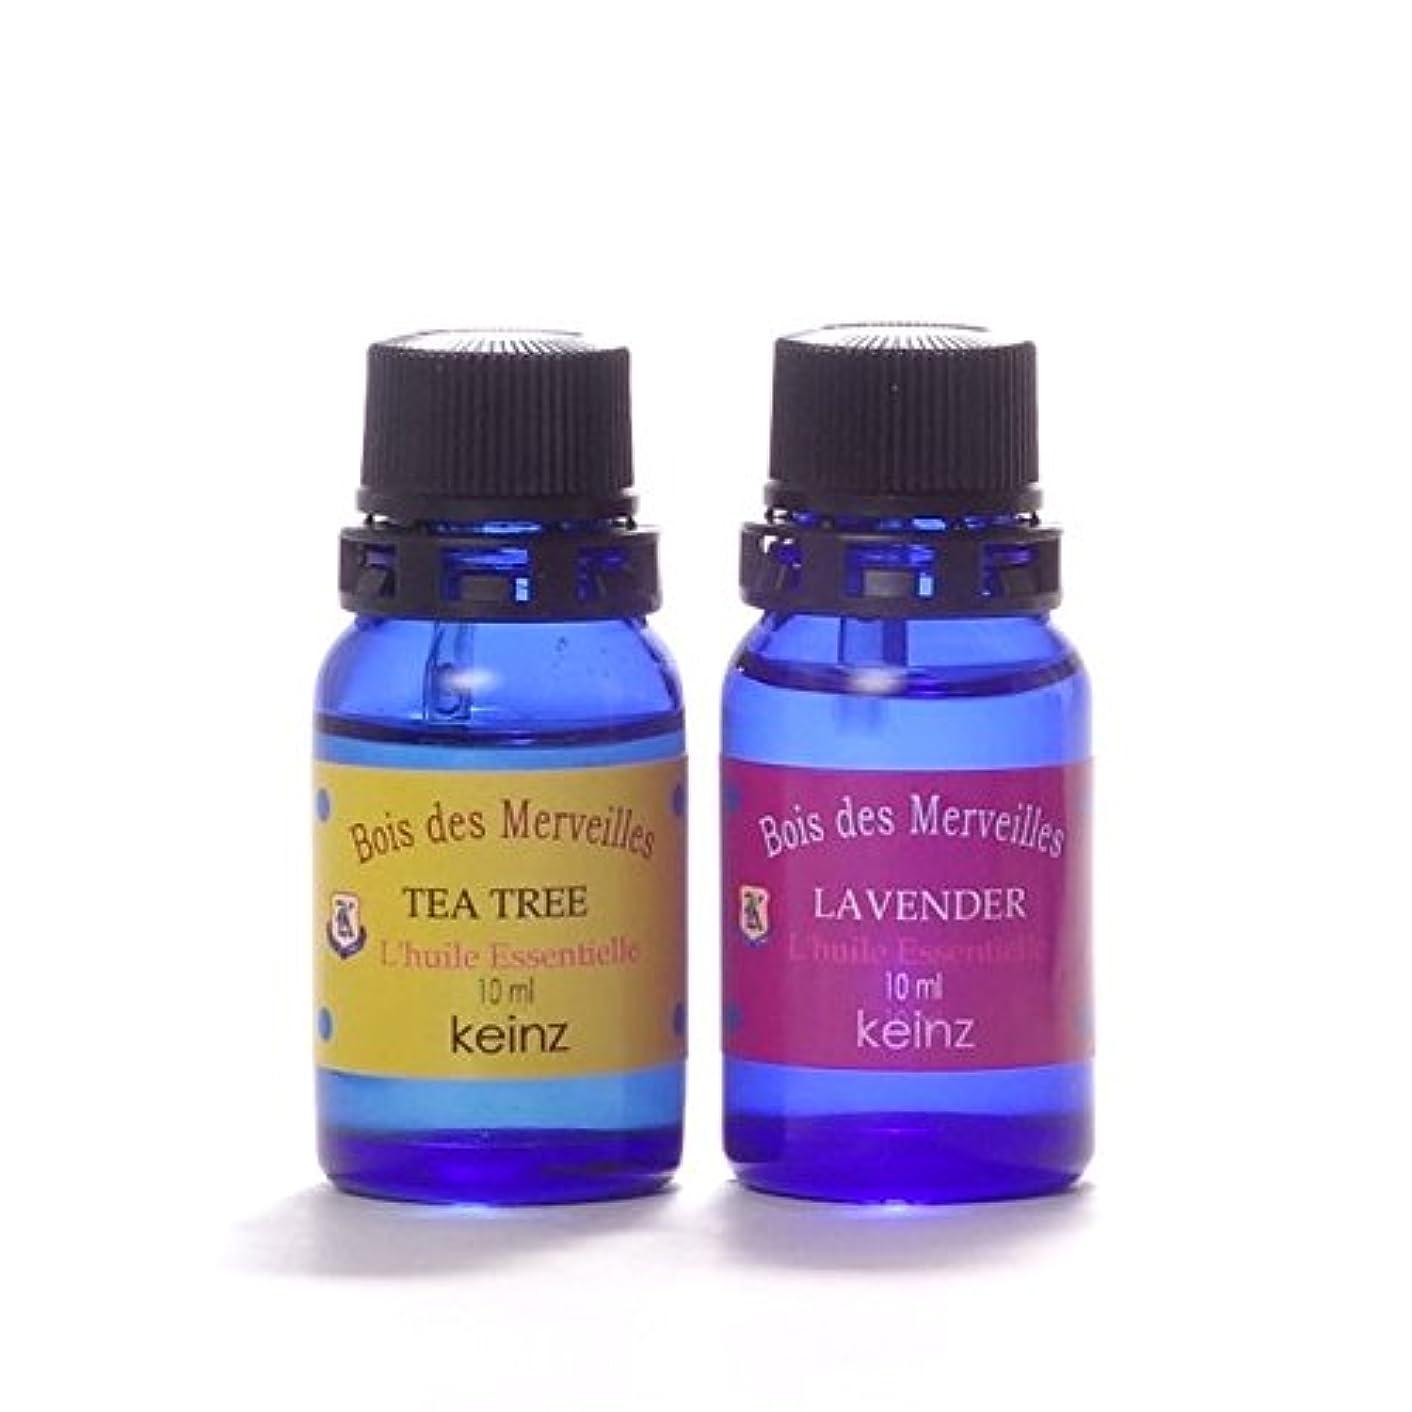 筋肉の液化する無礼にkeinzエッセンシャルオイル「ティートリー10ml&ラヴェンダー10ml」2種1セット ケインズ正規品 製造国アメリカ 水蒸気蒸留法 完全無添加 人工香料は使っていません。【送料無料】